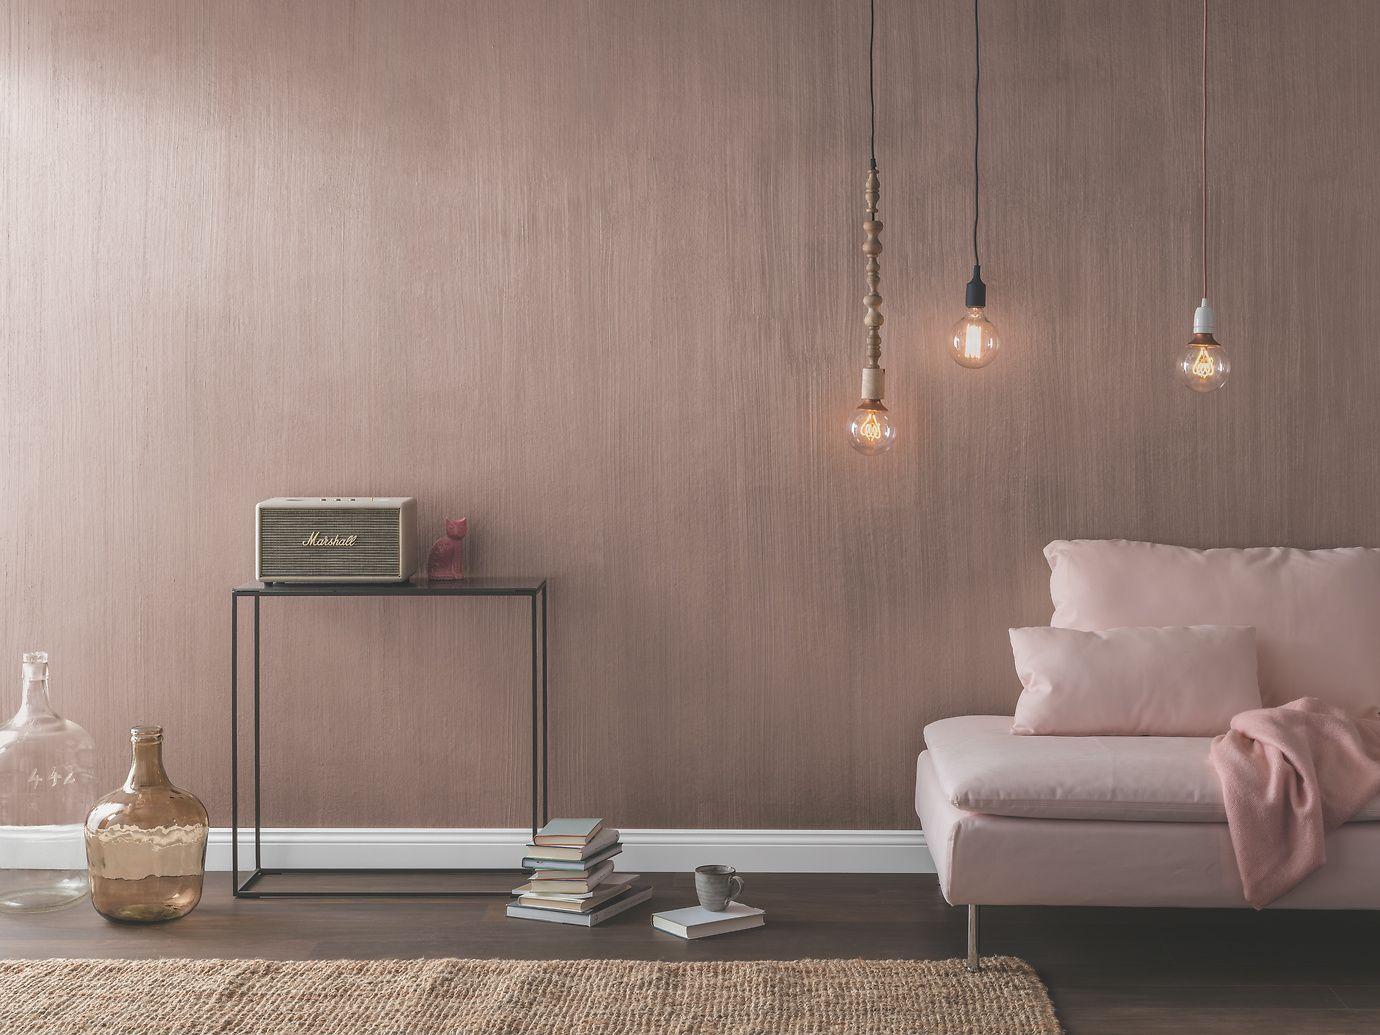 Full Size of Moderne Wandfarben Eine Wand In Dieser Rosgoldenen Effektfarbe Verleiht Jedem Zimmer Landhausküche Duschen Bilder Fürs Wohnzimmer Esstische Modernes Bett Wohnzimmer Moderne Wandfarben